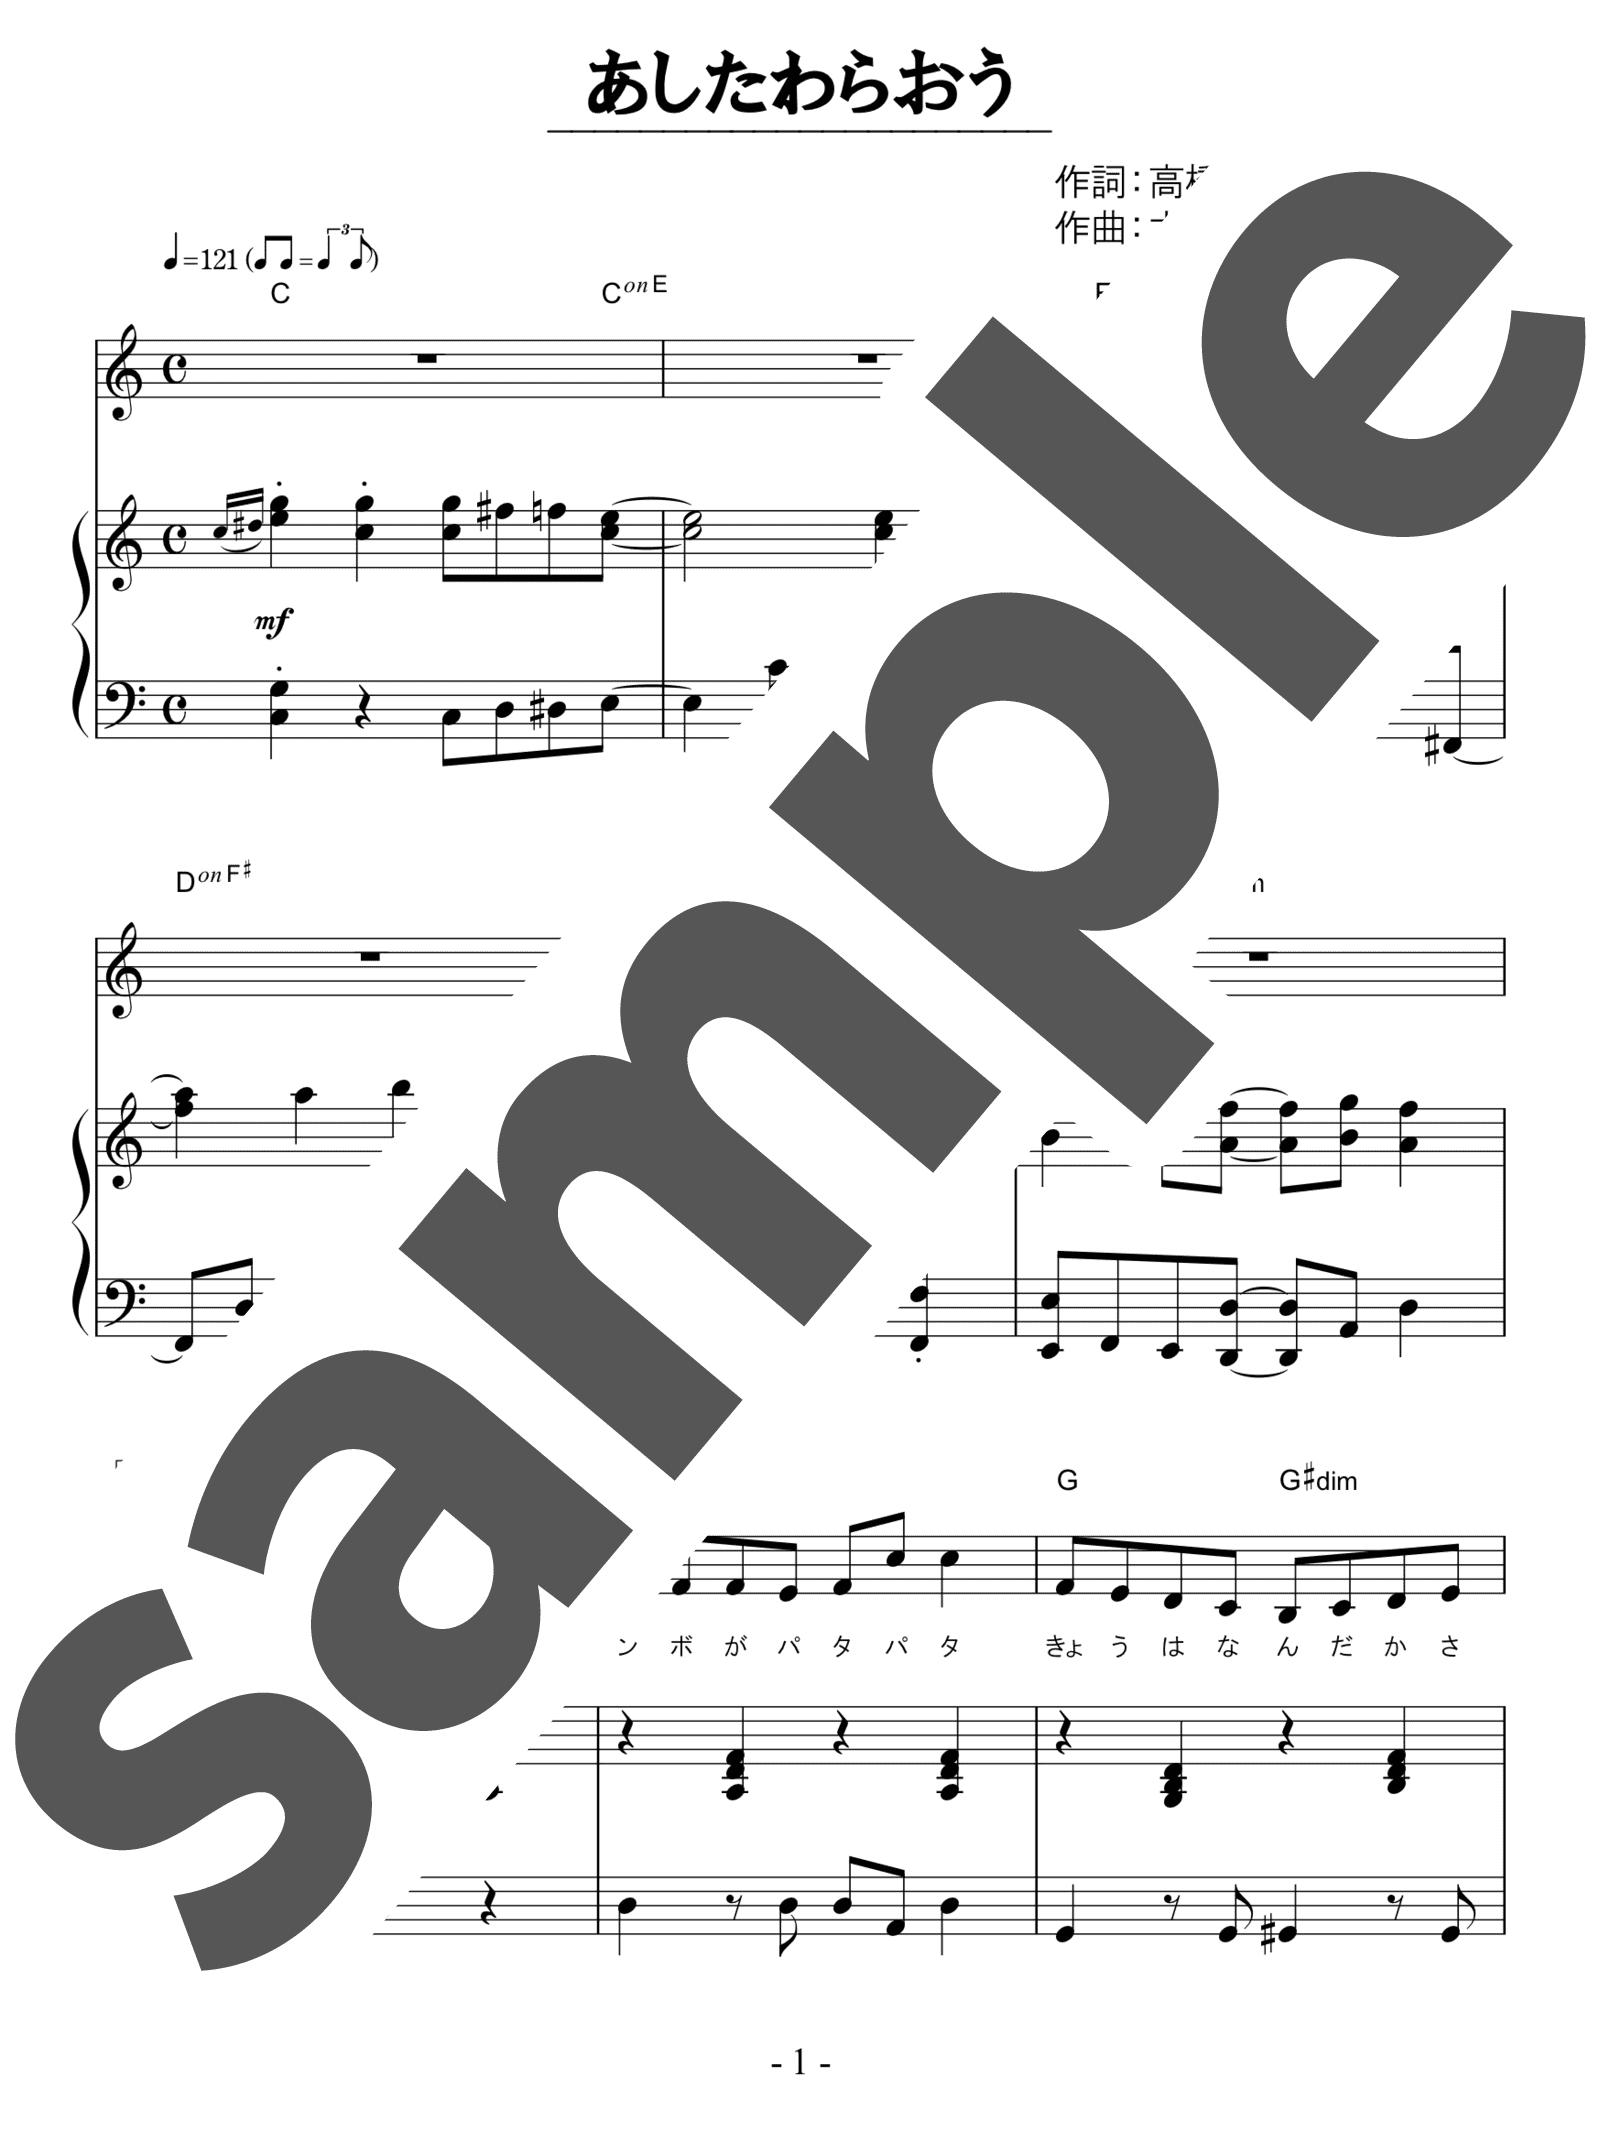 「あしたわらおう」のサンプル楽譜